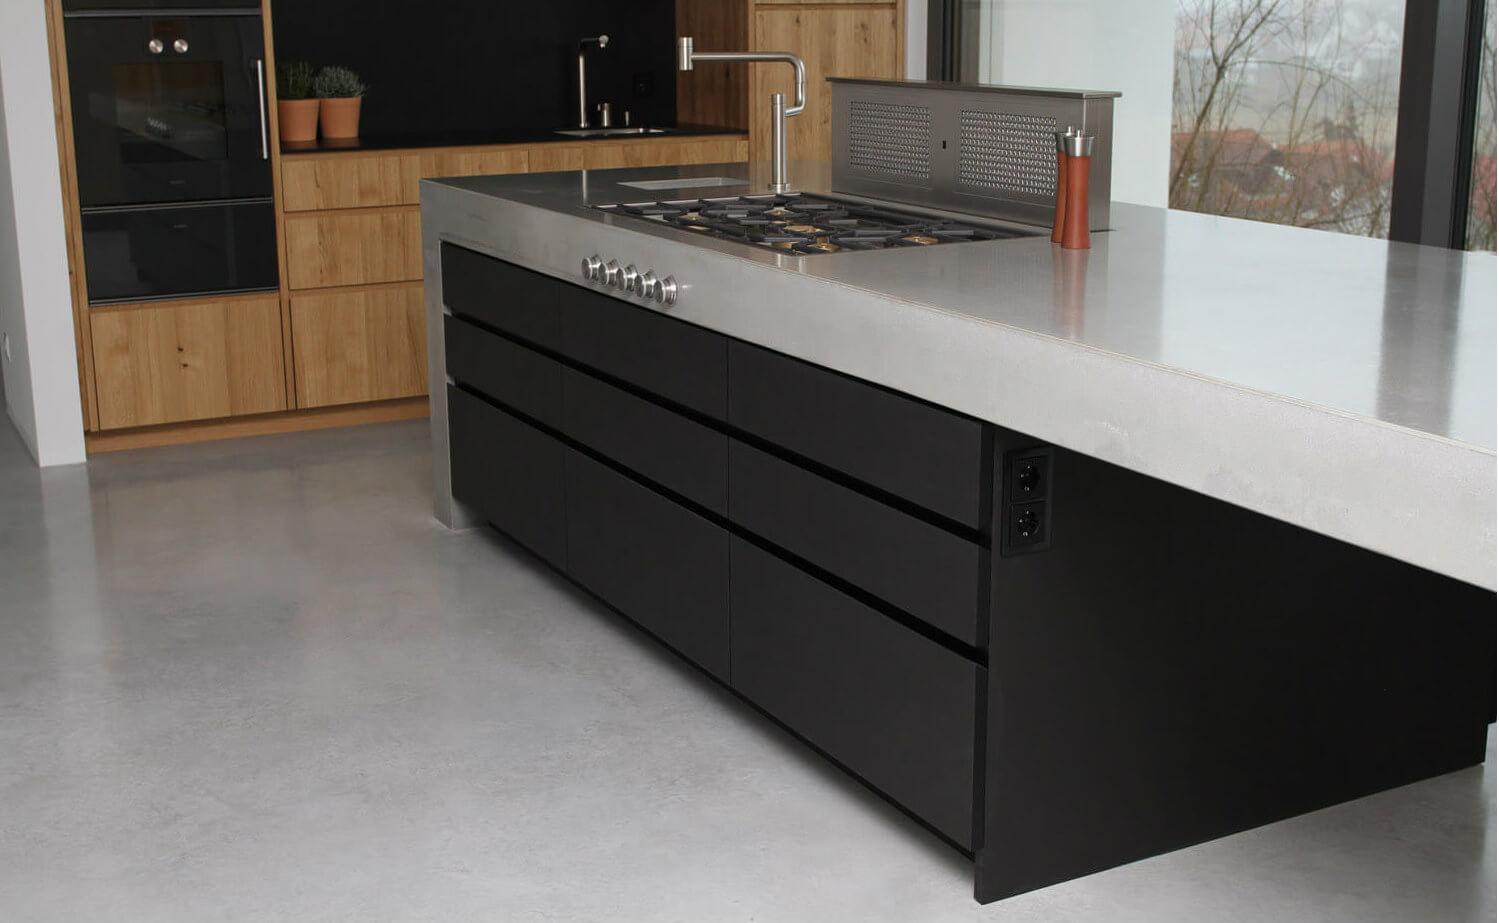 moderne betonk che kombiniert mit holz und elektroger ten von gaggenau k chenfinder magazin. Black Bedroom Furniture Sets. Home Design Ideas